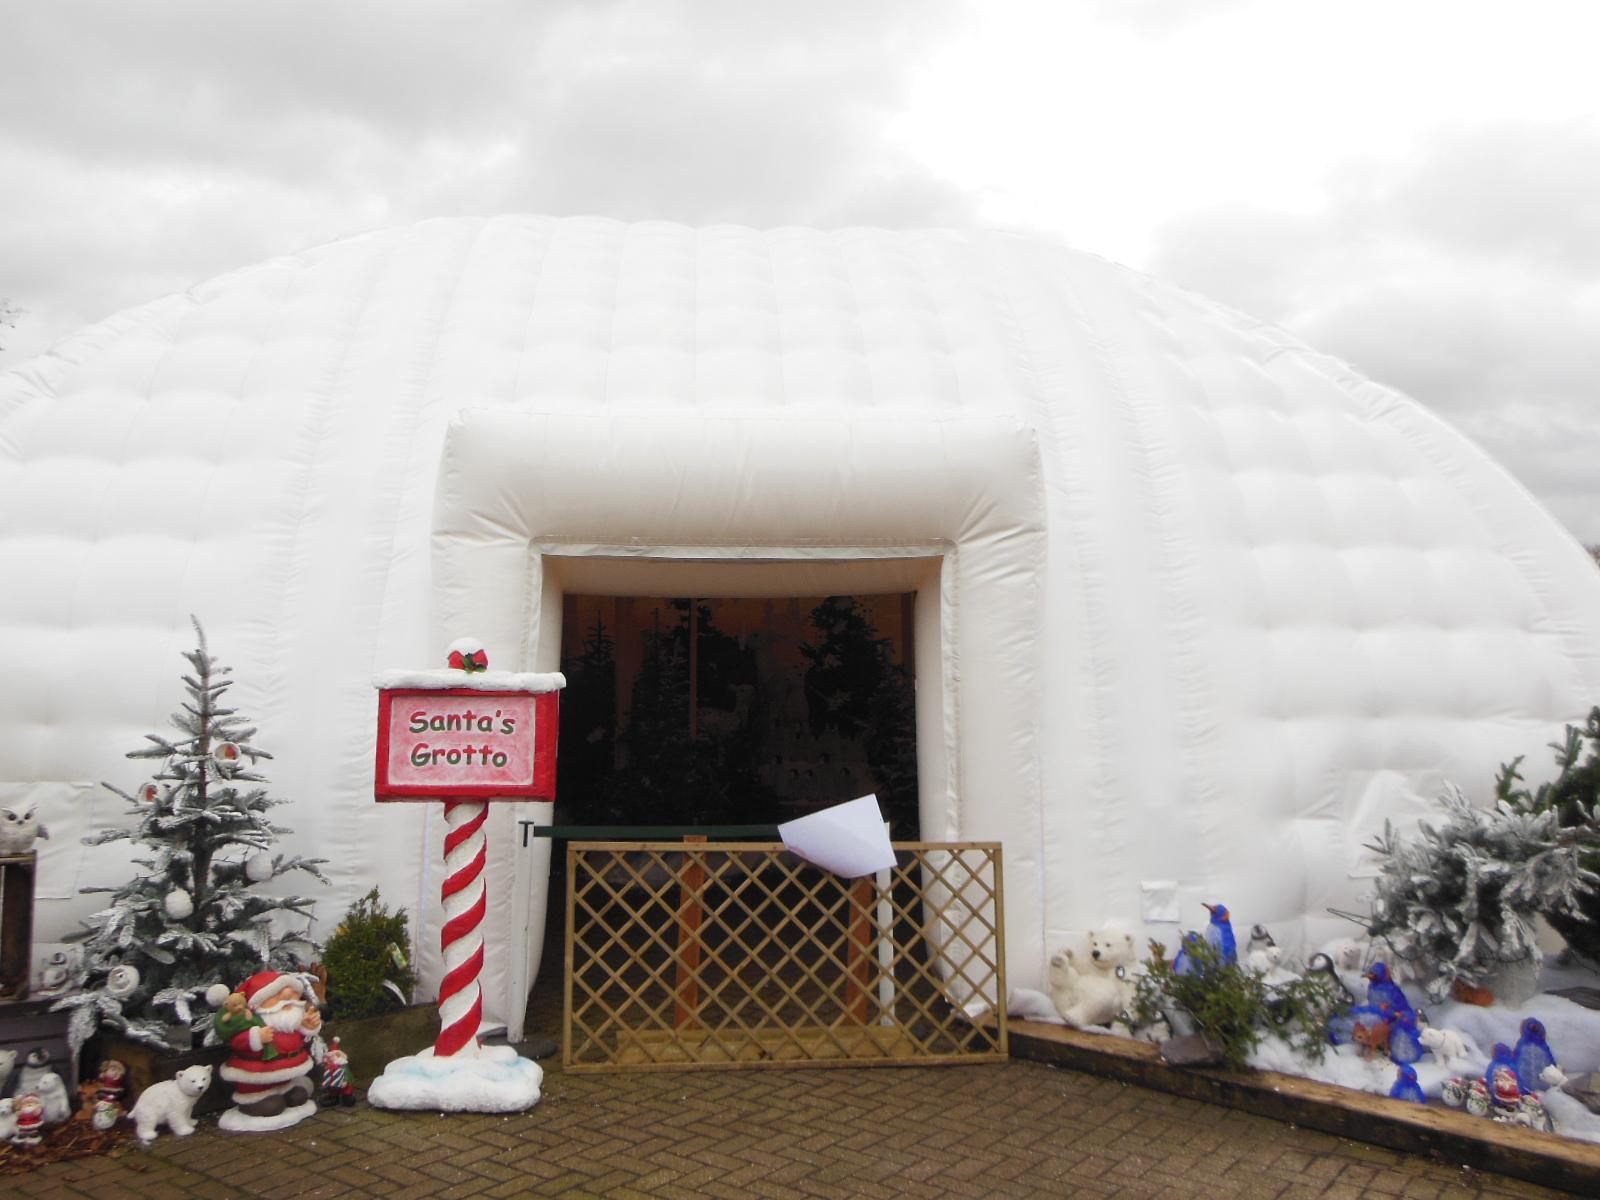 Icescape Airdome, Santa's Grotto